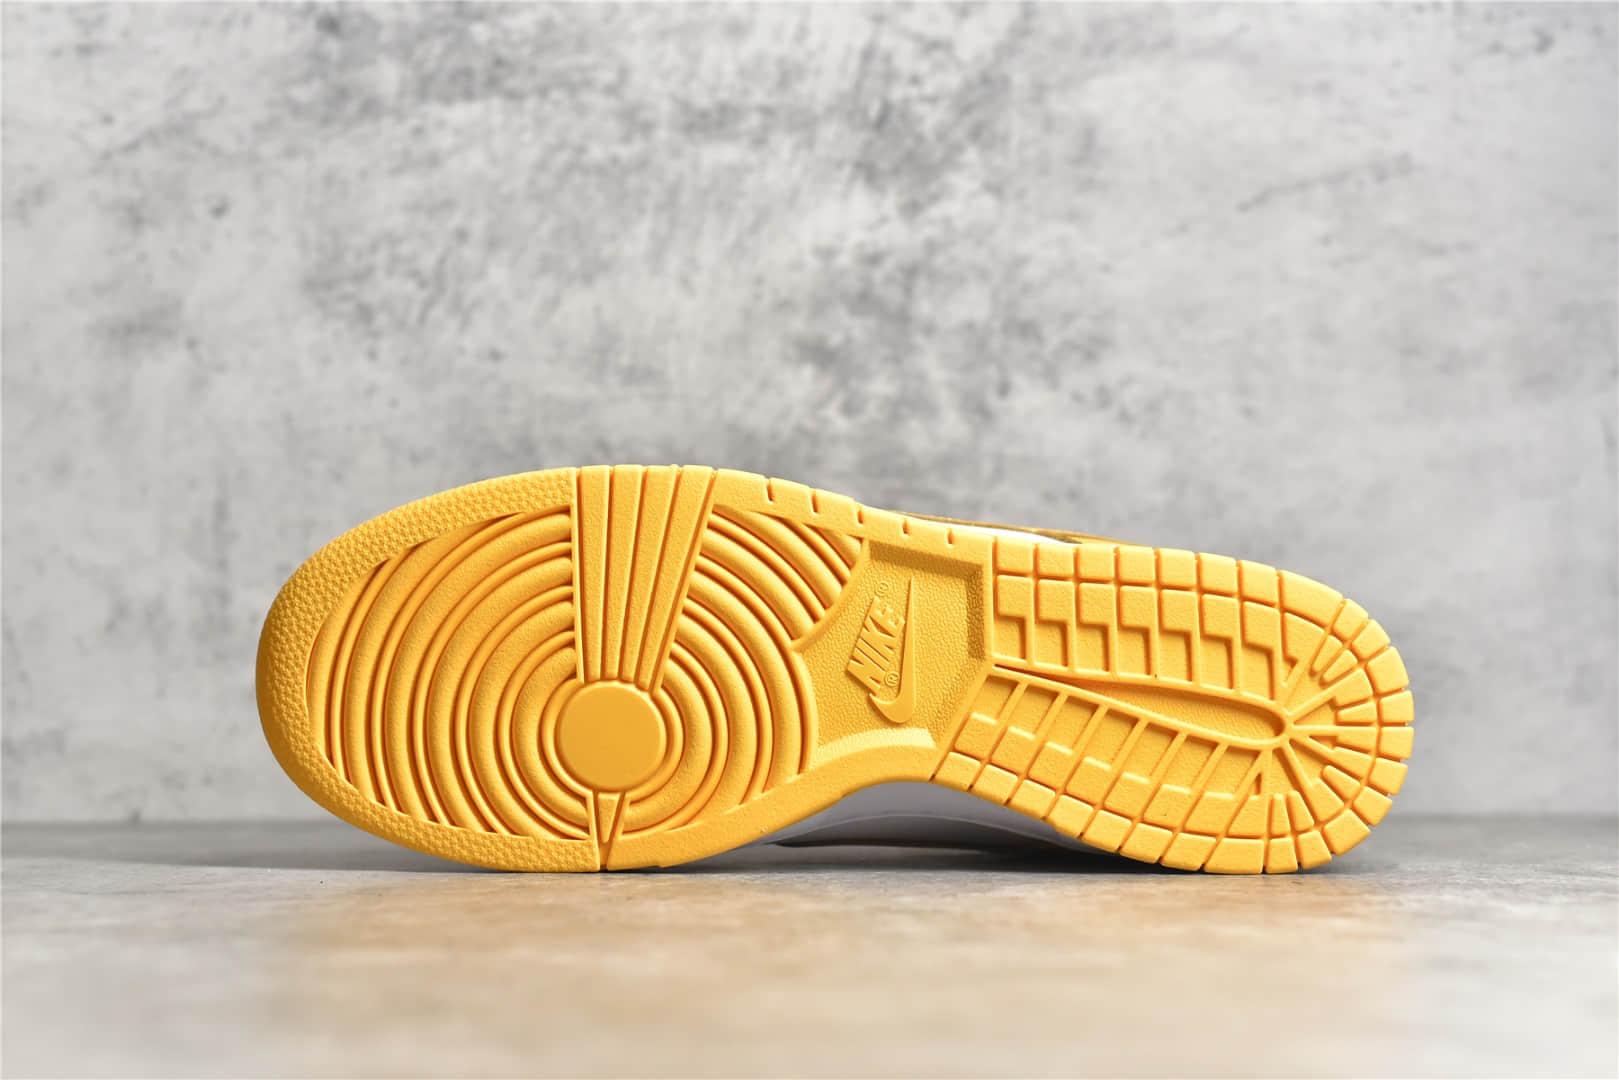 耐克Dunk白黄色低帮 NIKE SB DUNK LOW LASER ORANGE 耐克Dunk纯原版本 货号:DD1503-800-潮流者之家